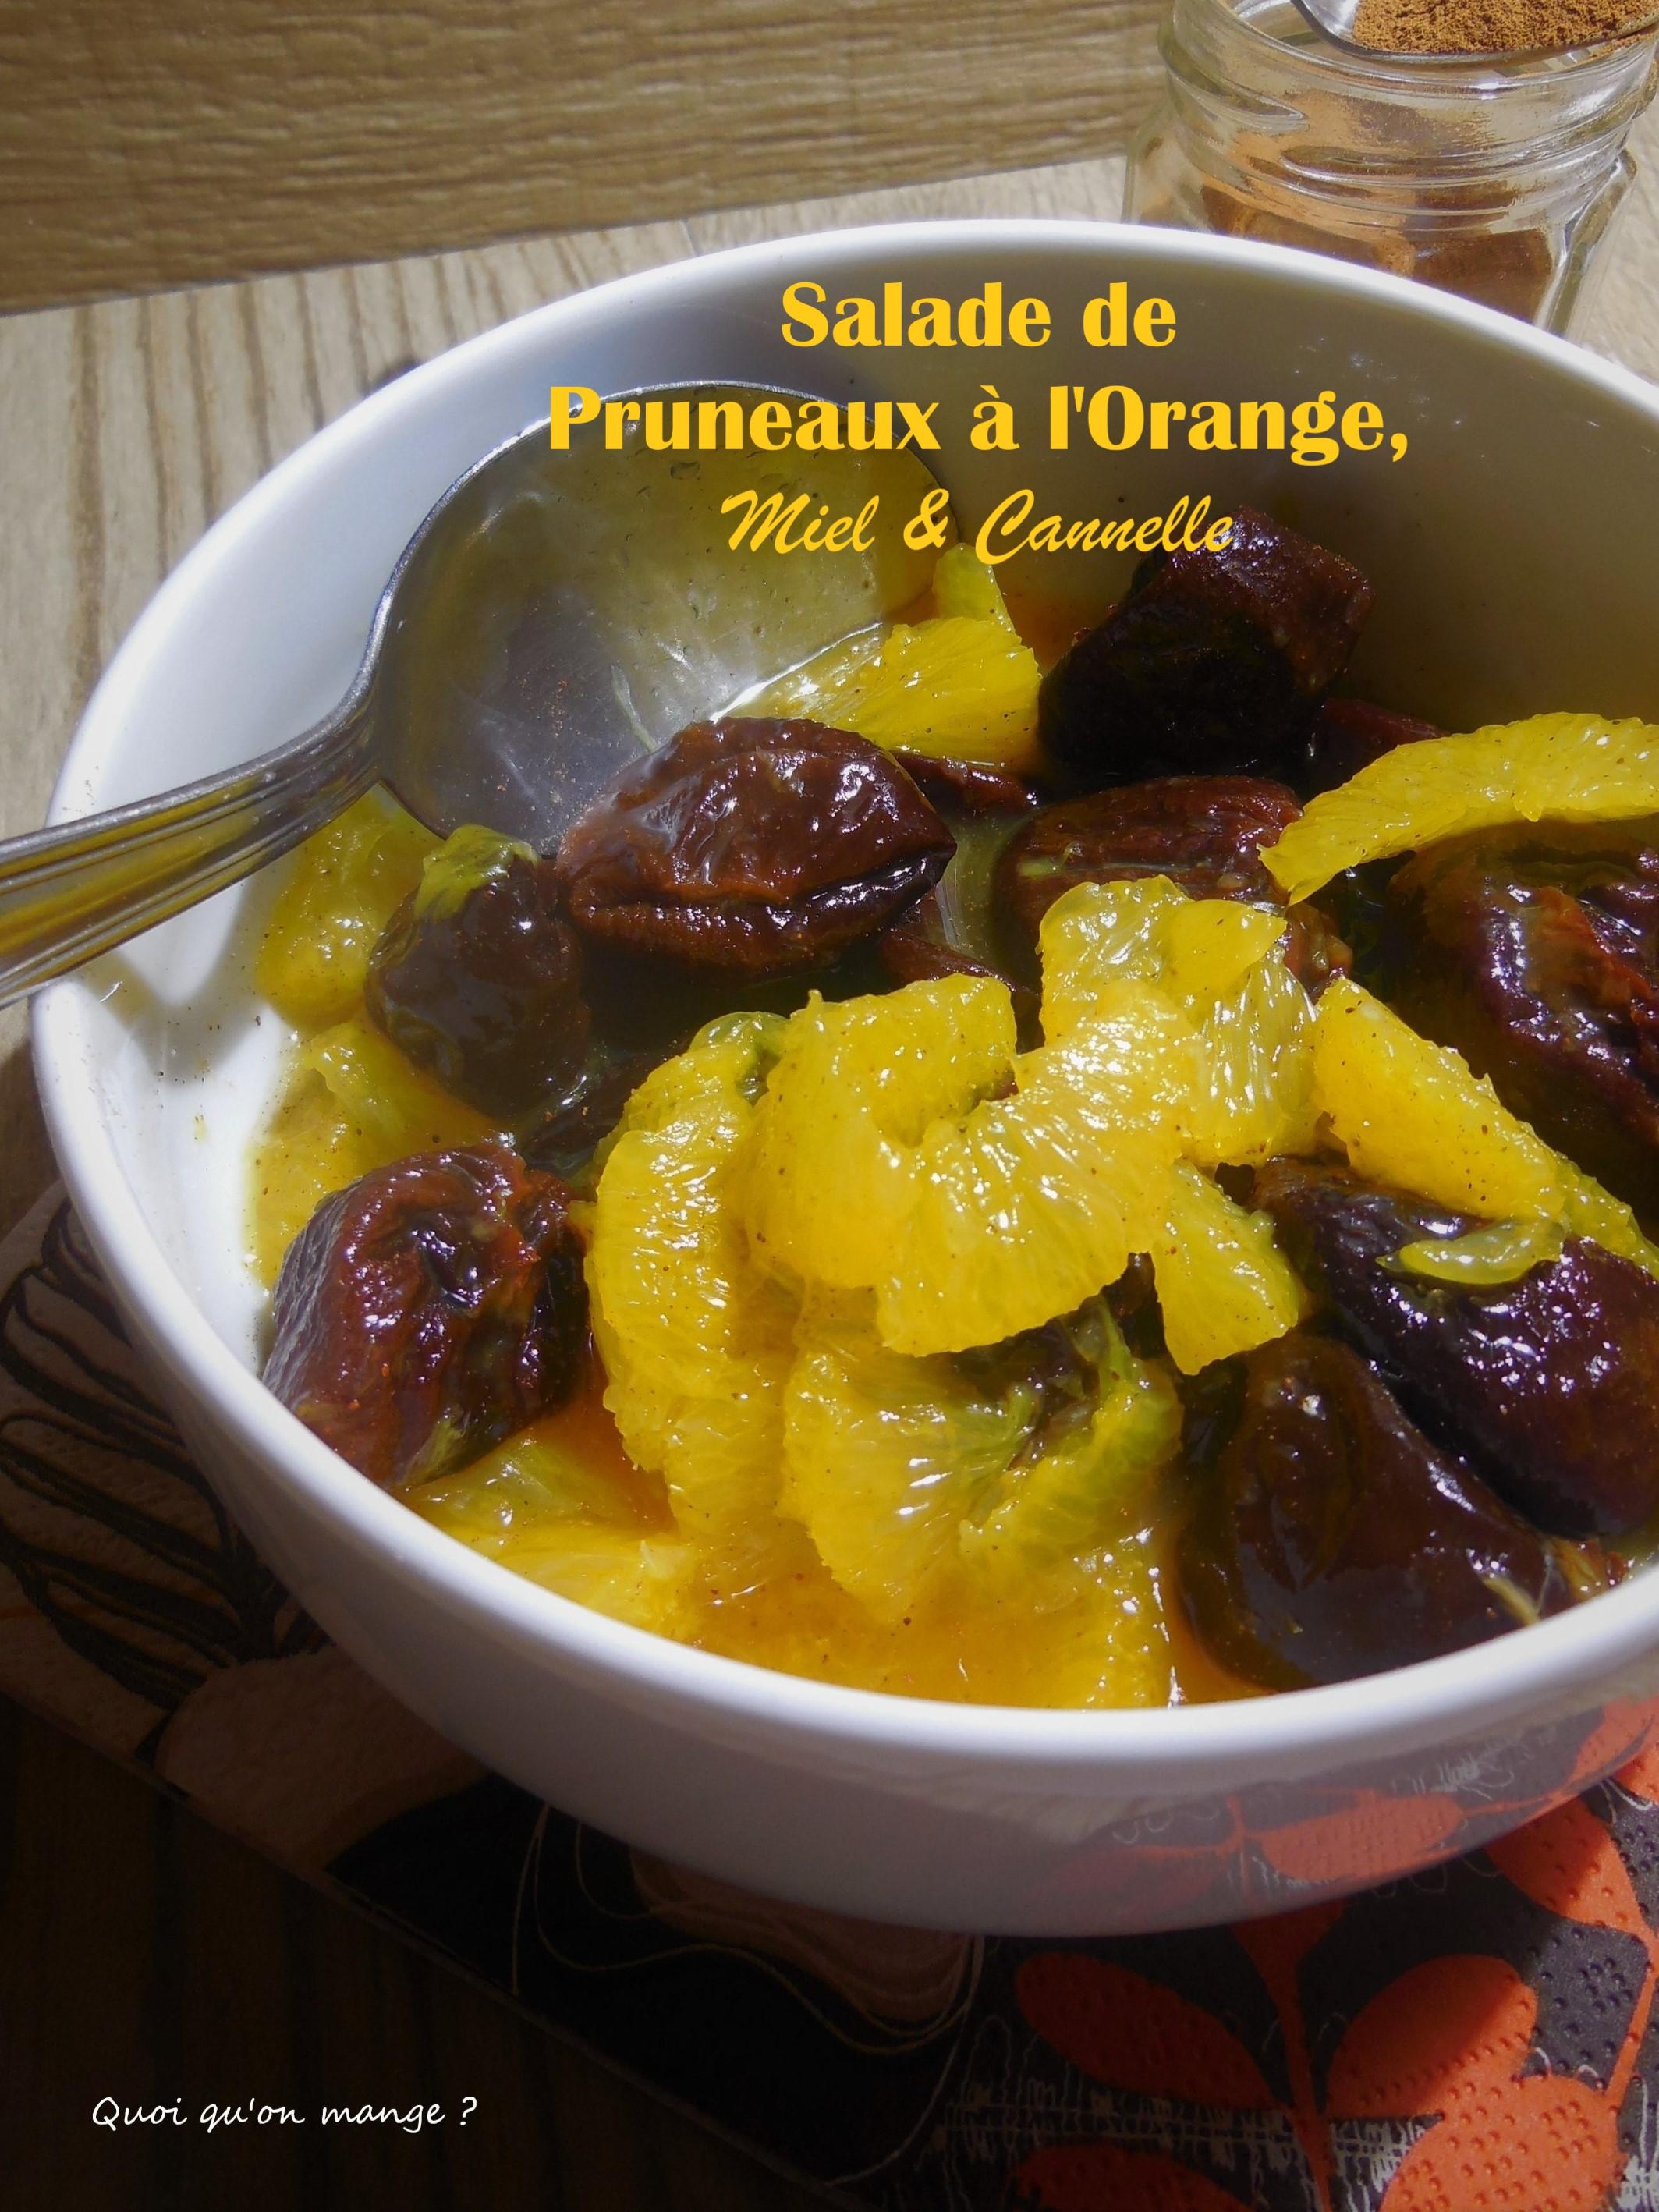 Salade de pruneaux à l'orange, miel & cannelle